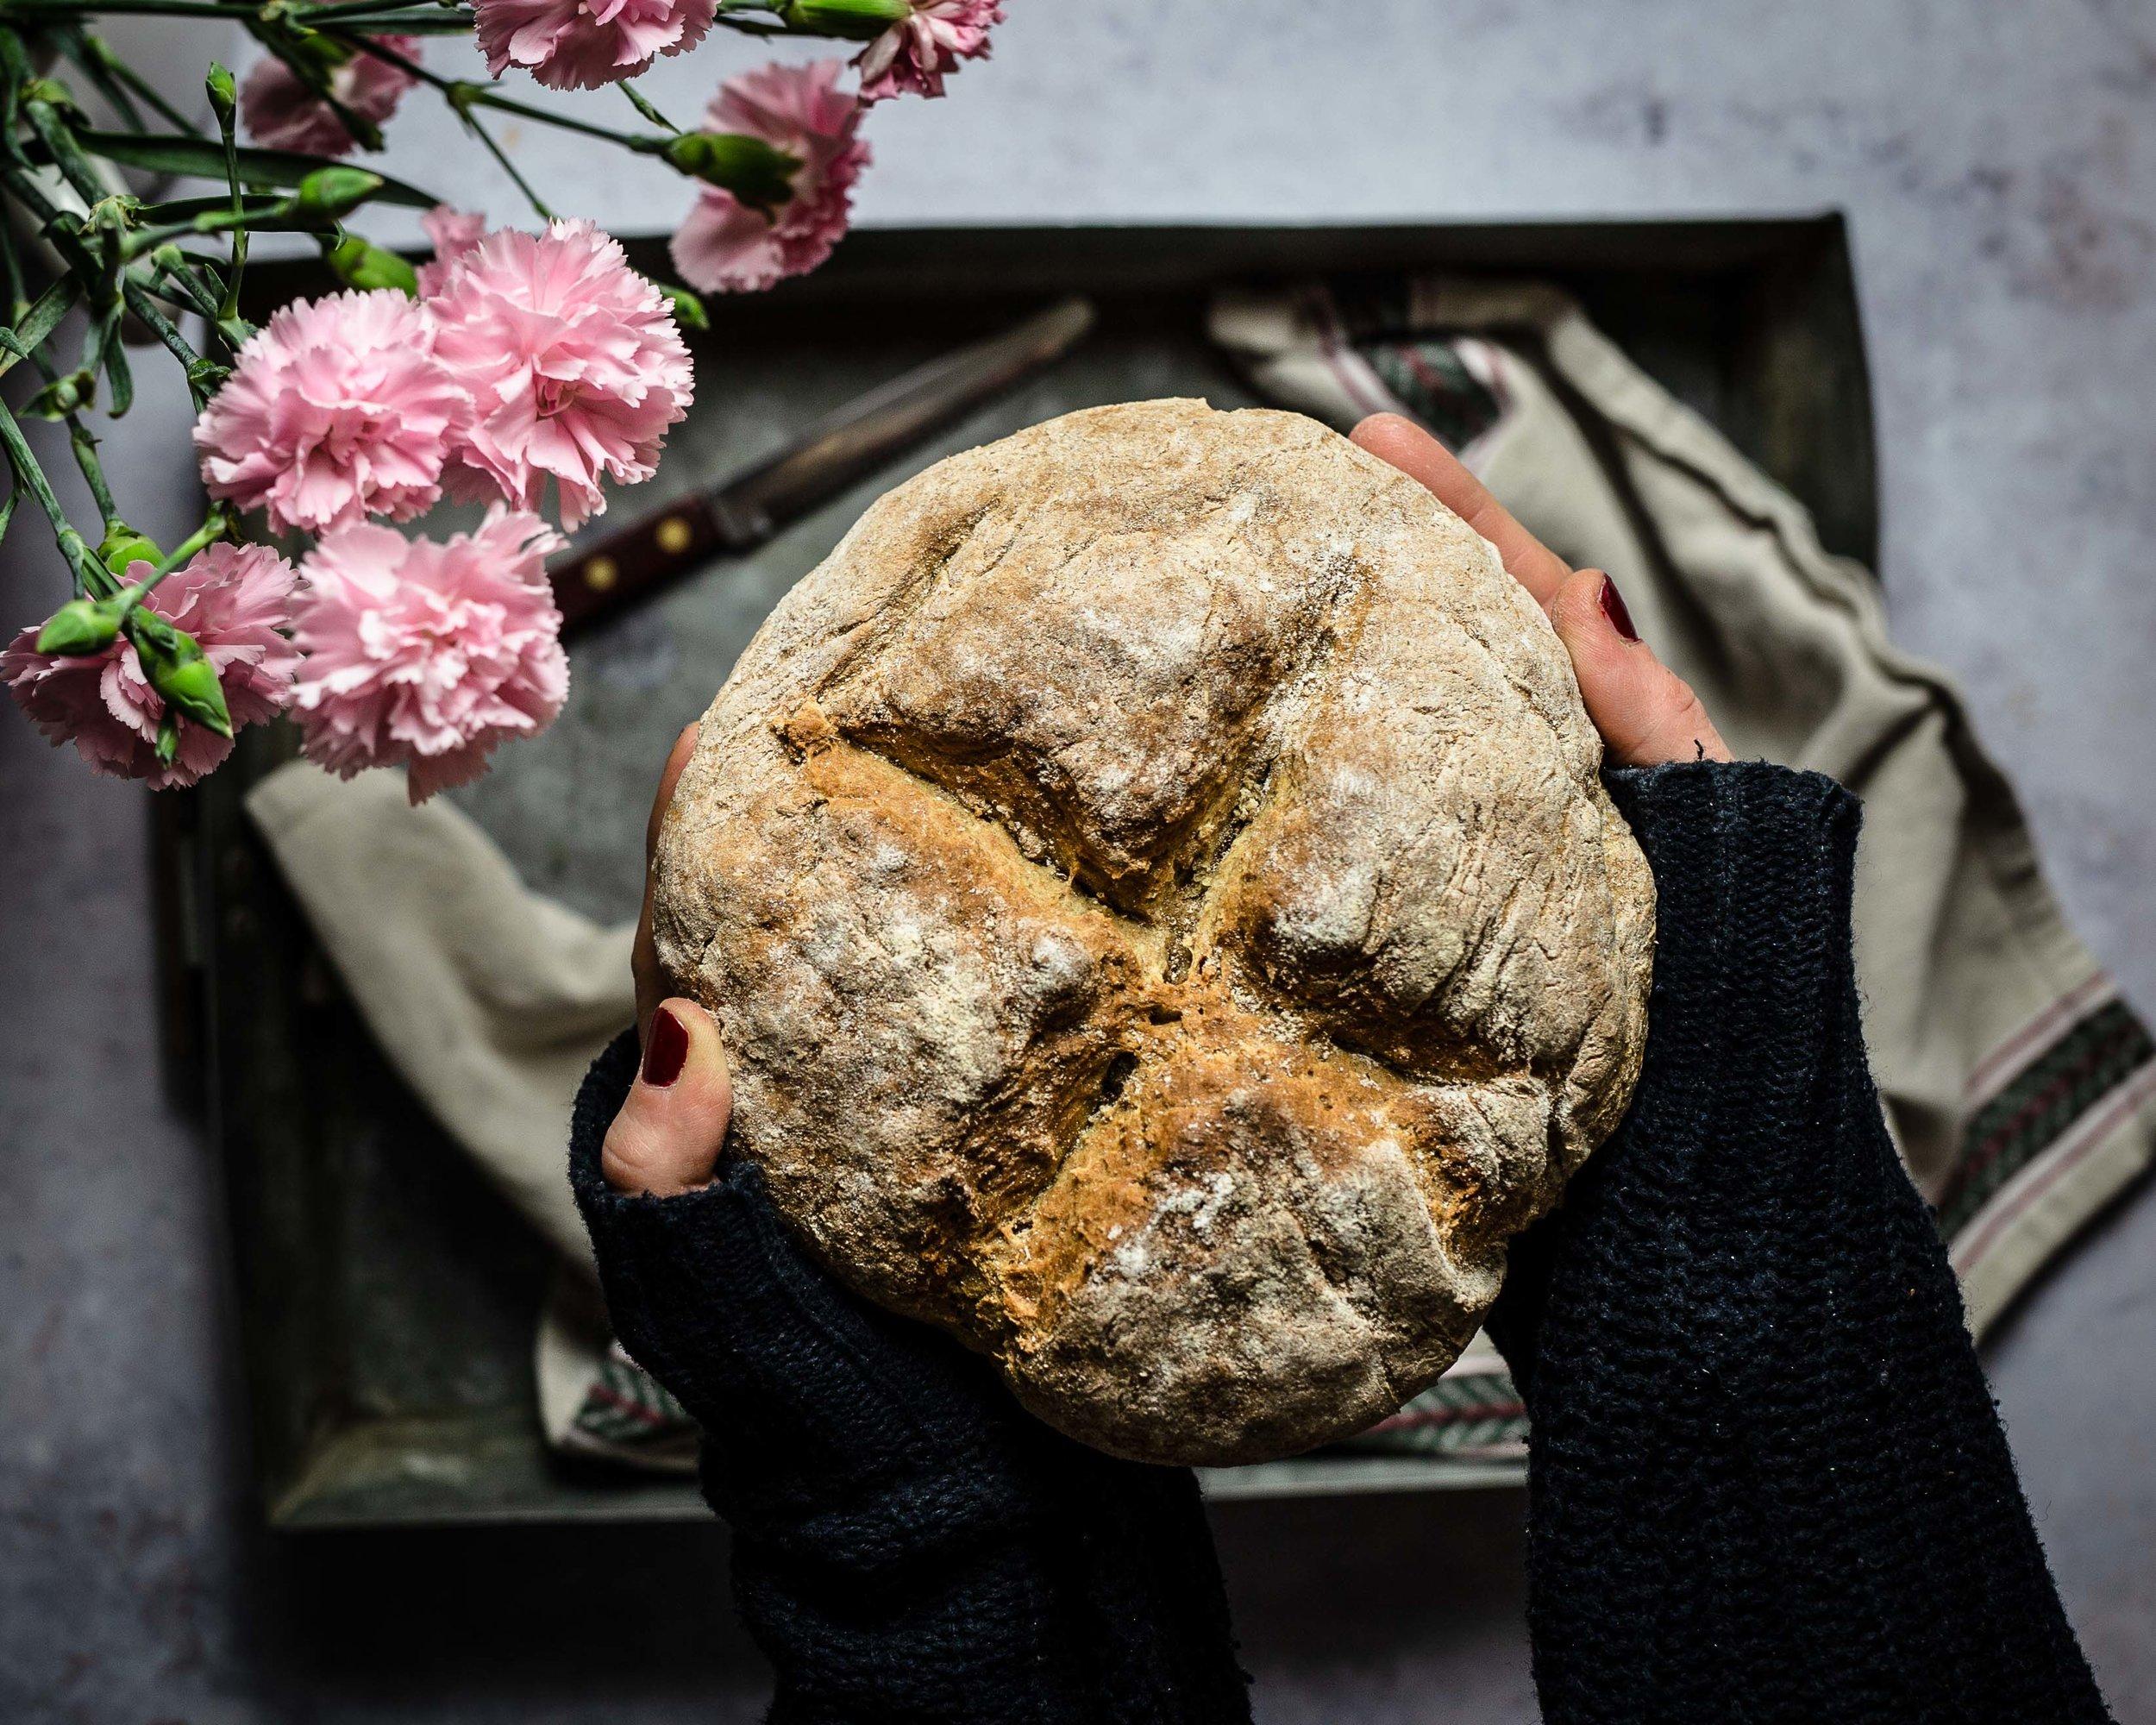 Das fertige Brot in seiner ganzen Pracht.